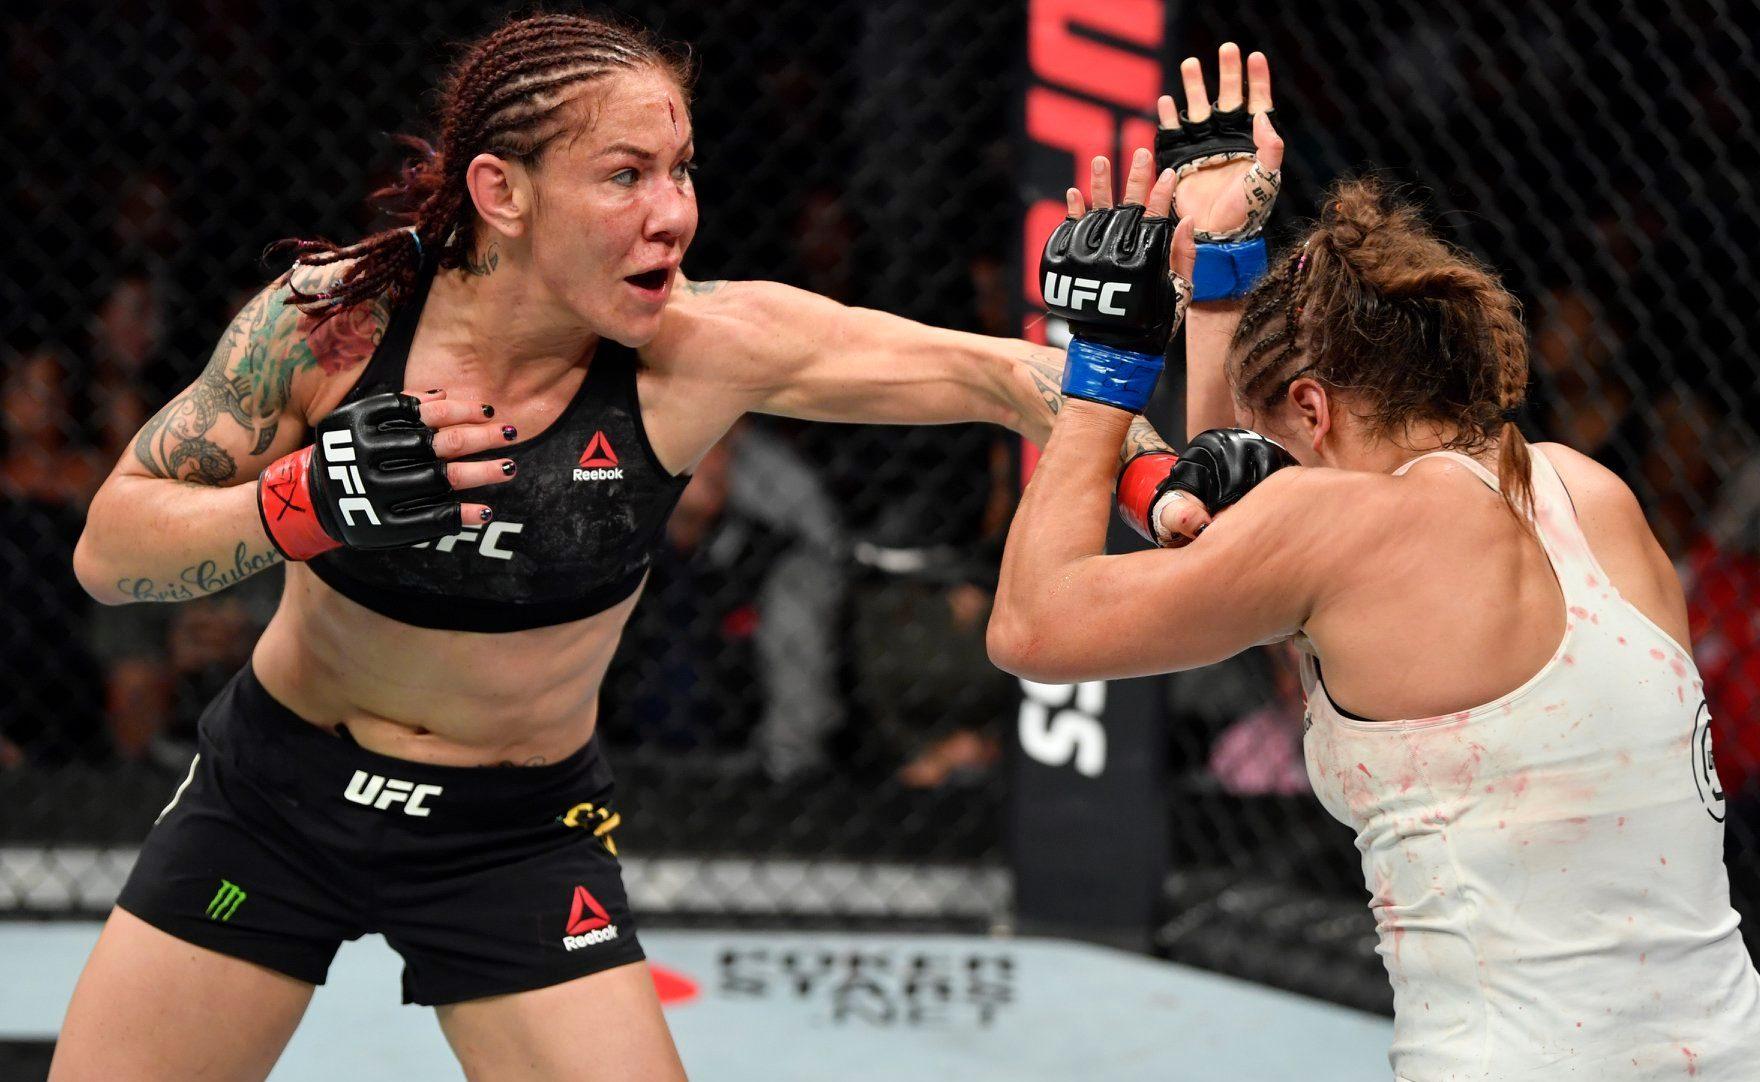 Cris Cyborg venceu Felicia Spencer no UFC 240